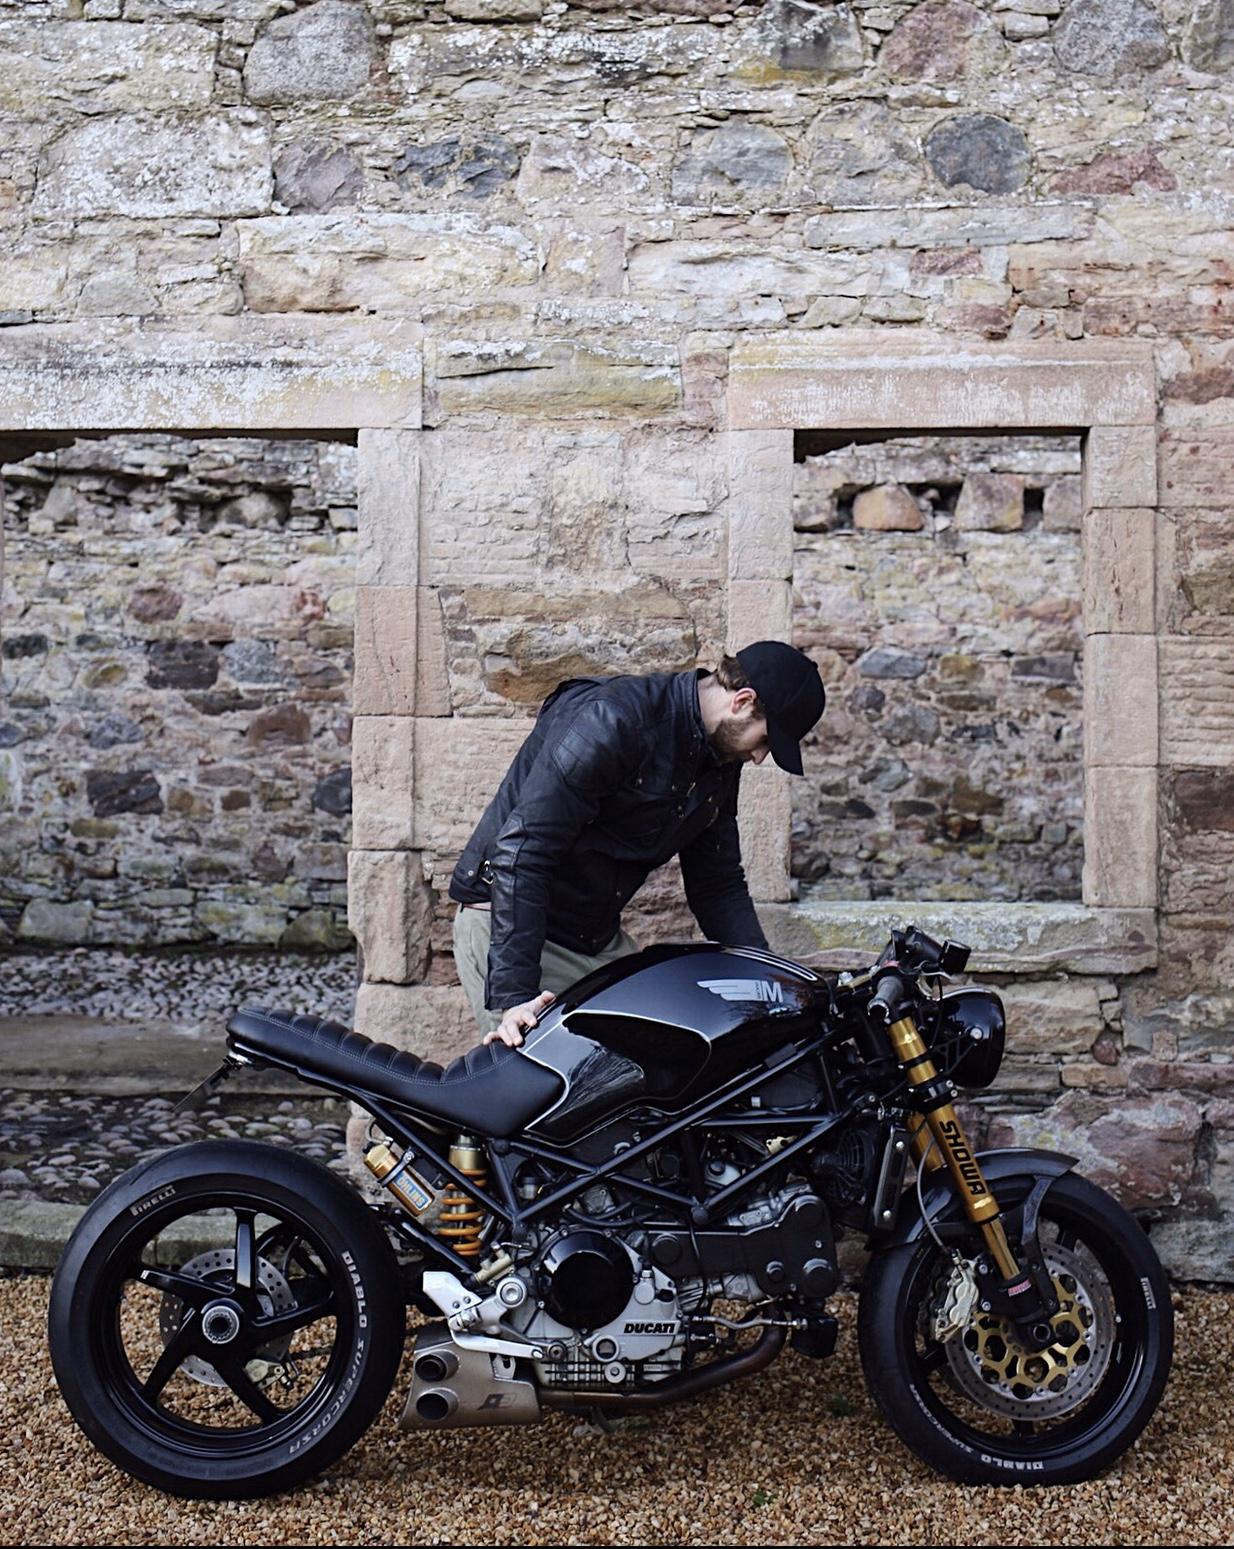 Rob's Ride | #TheMotoSocialLONDON